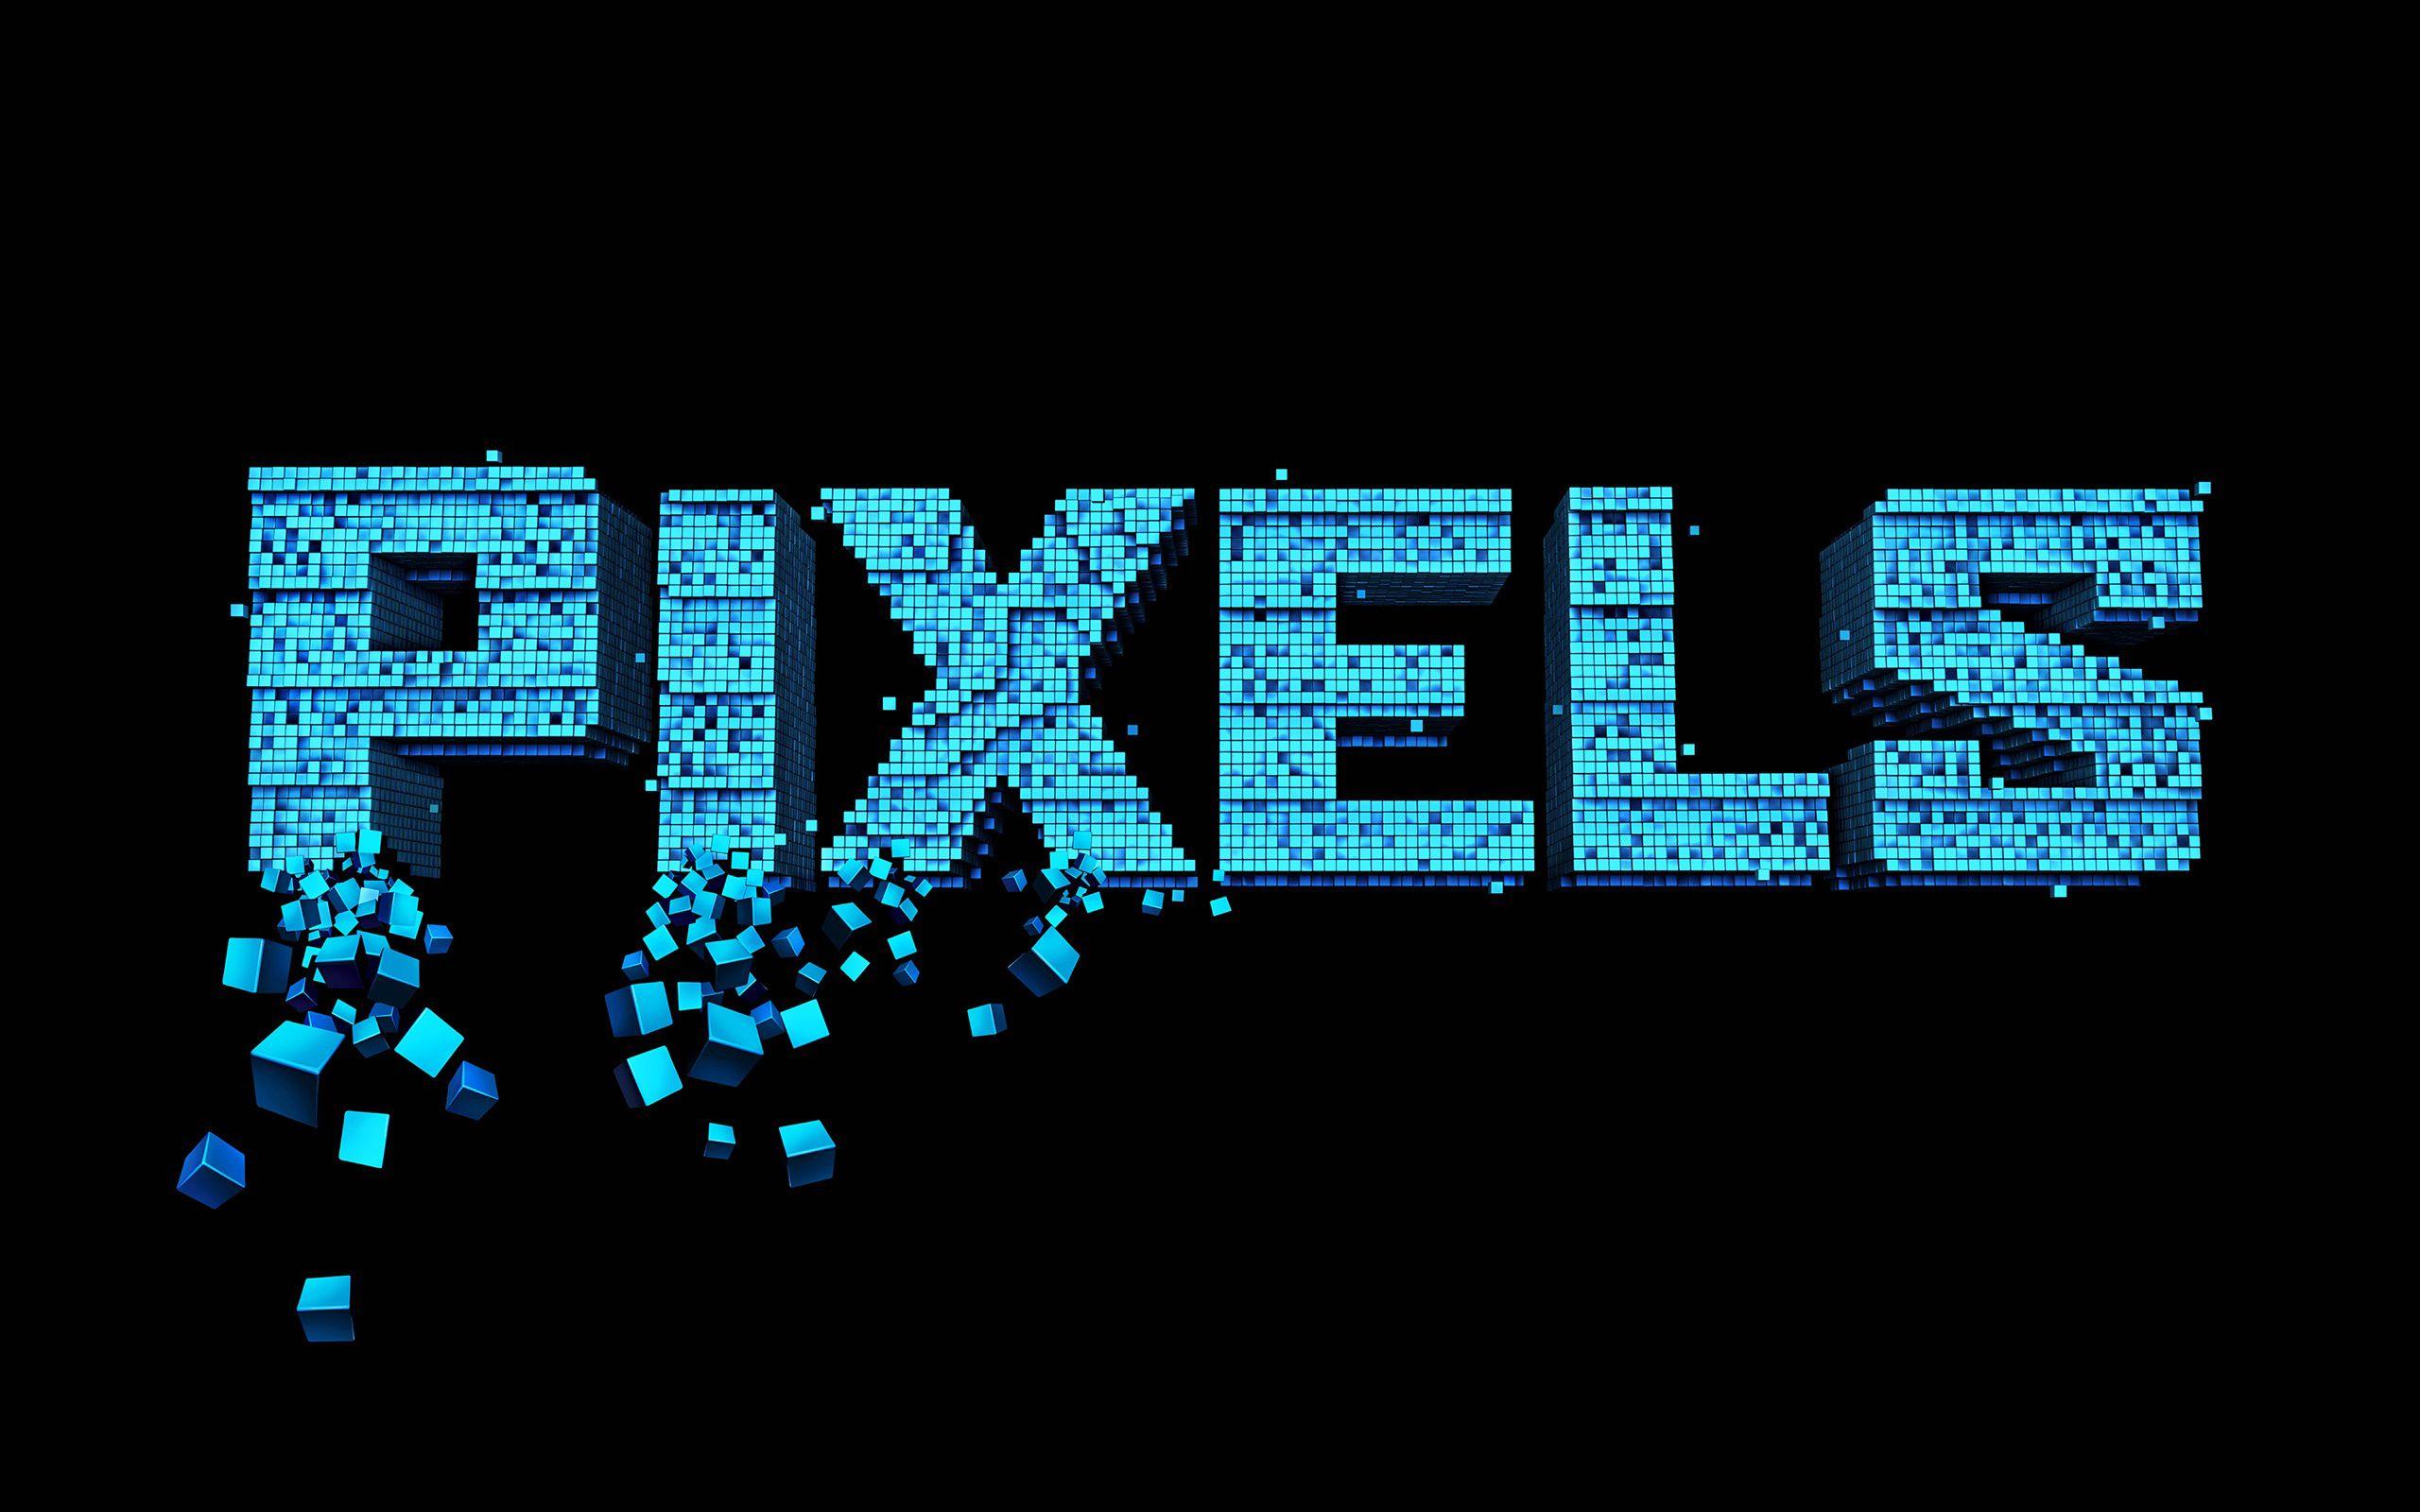 Обзор google pixel4a: лучший смартфон компании запоследние годы